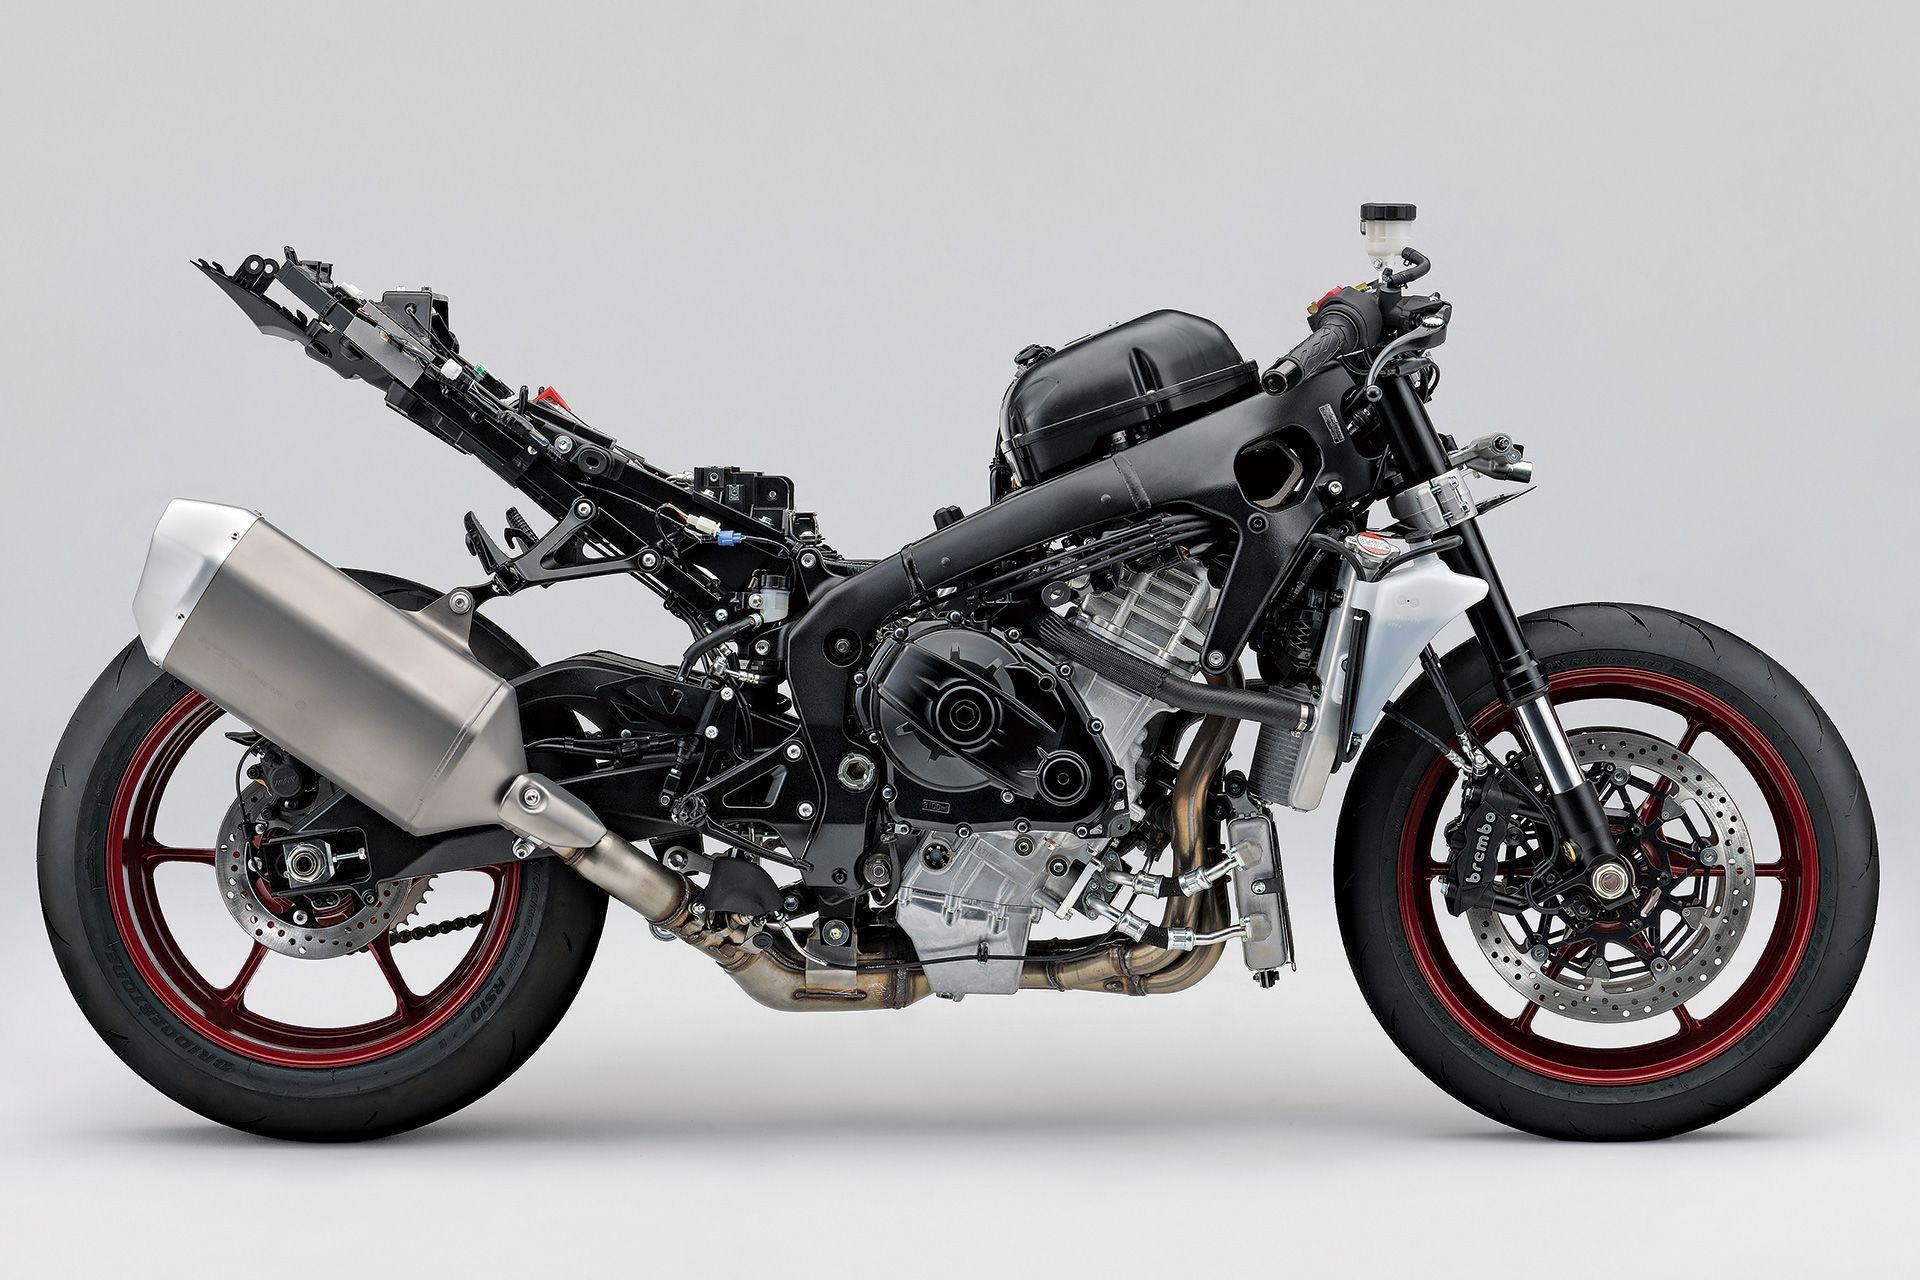 2017 Suzuki GSX-R1000 and GSX-R1000R Superbike - TECH